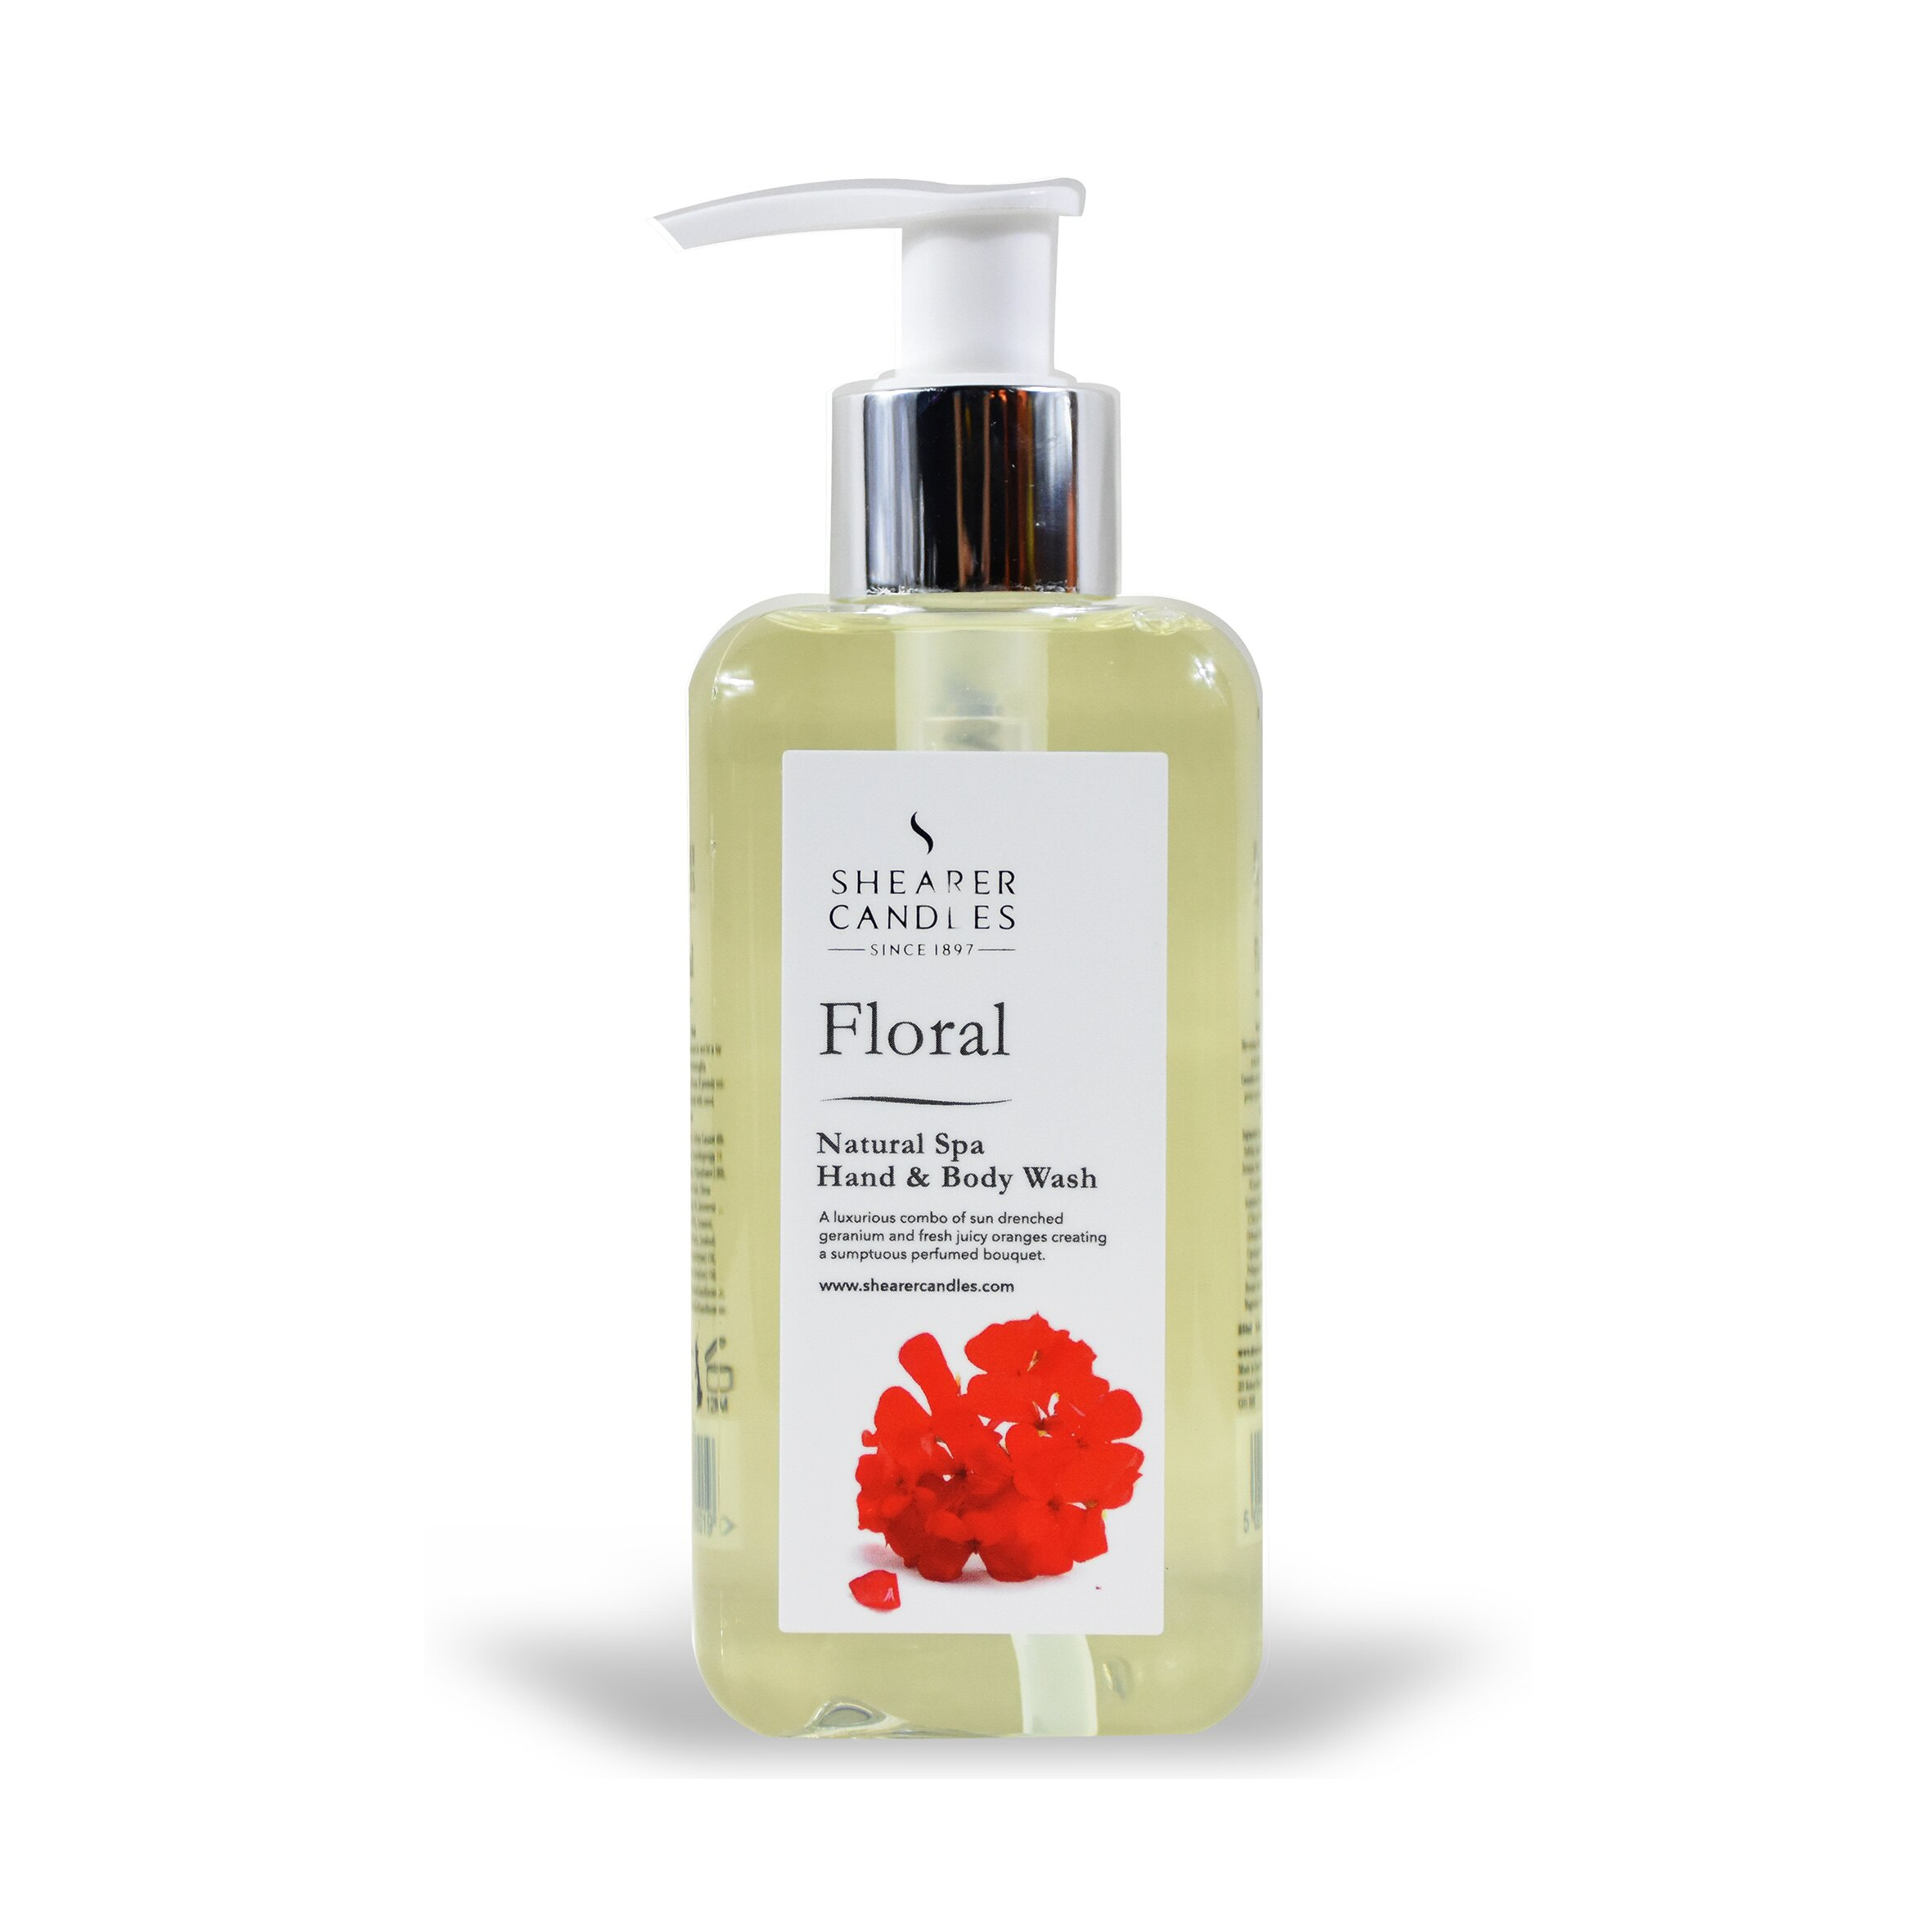 席兒香氛 天然SPA洗手乳/沐浴乳 6